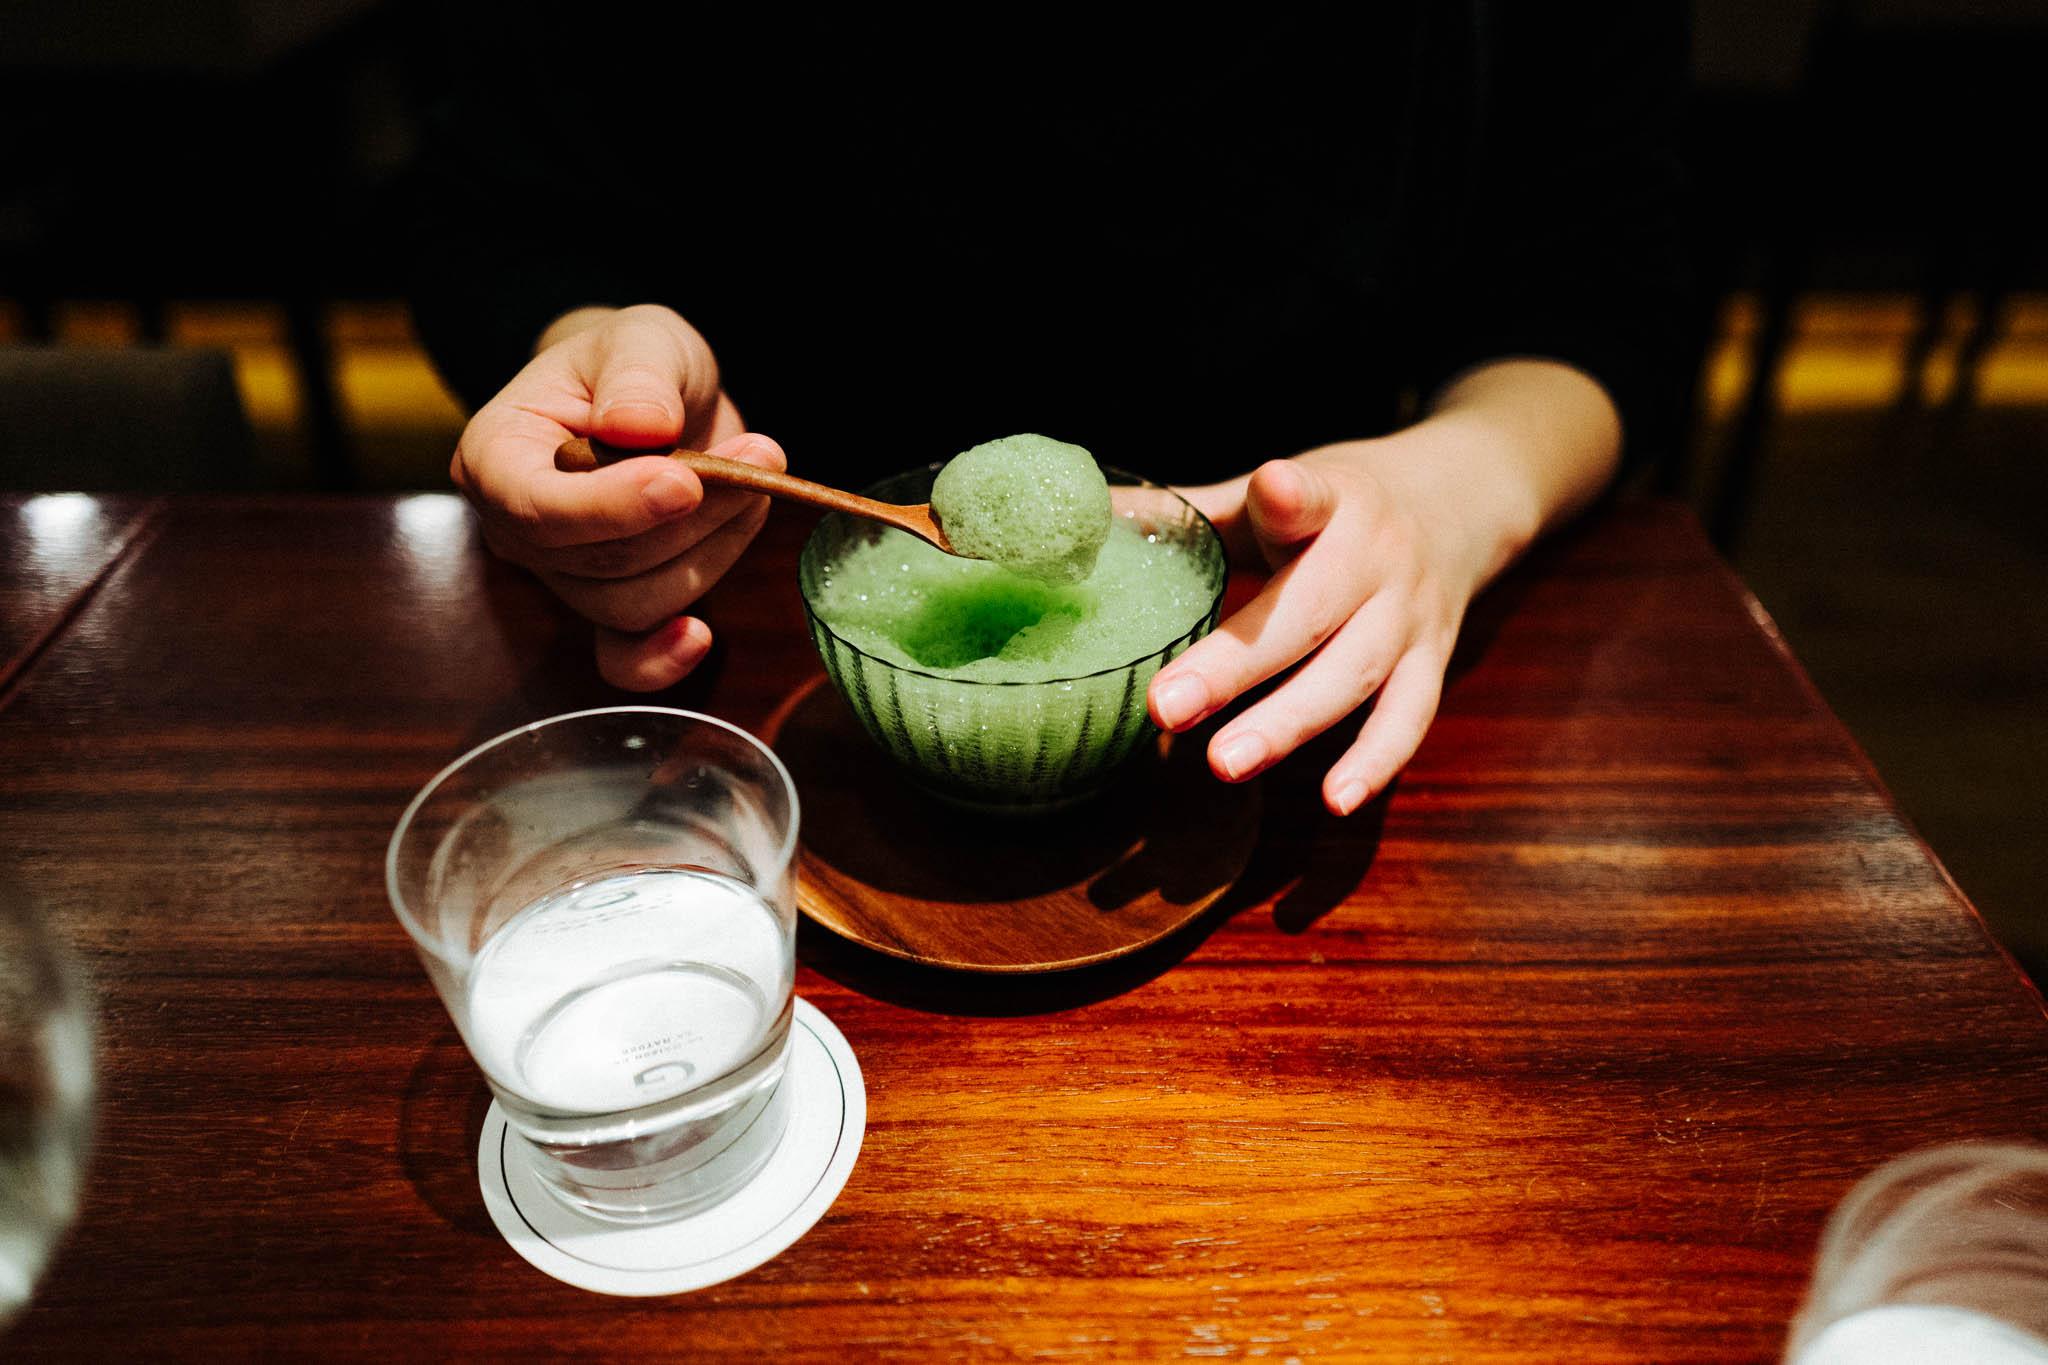 La-Maison-de-la-Nature-Goh-dessert